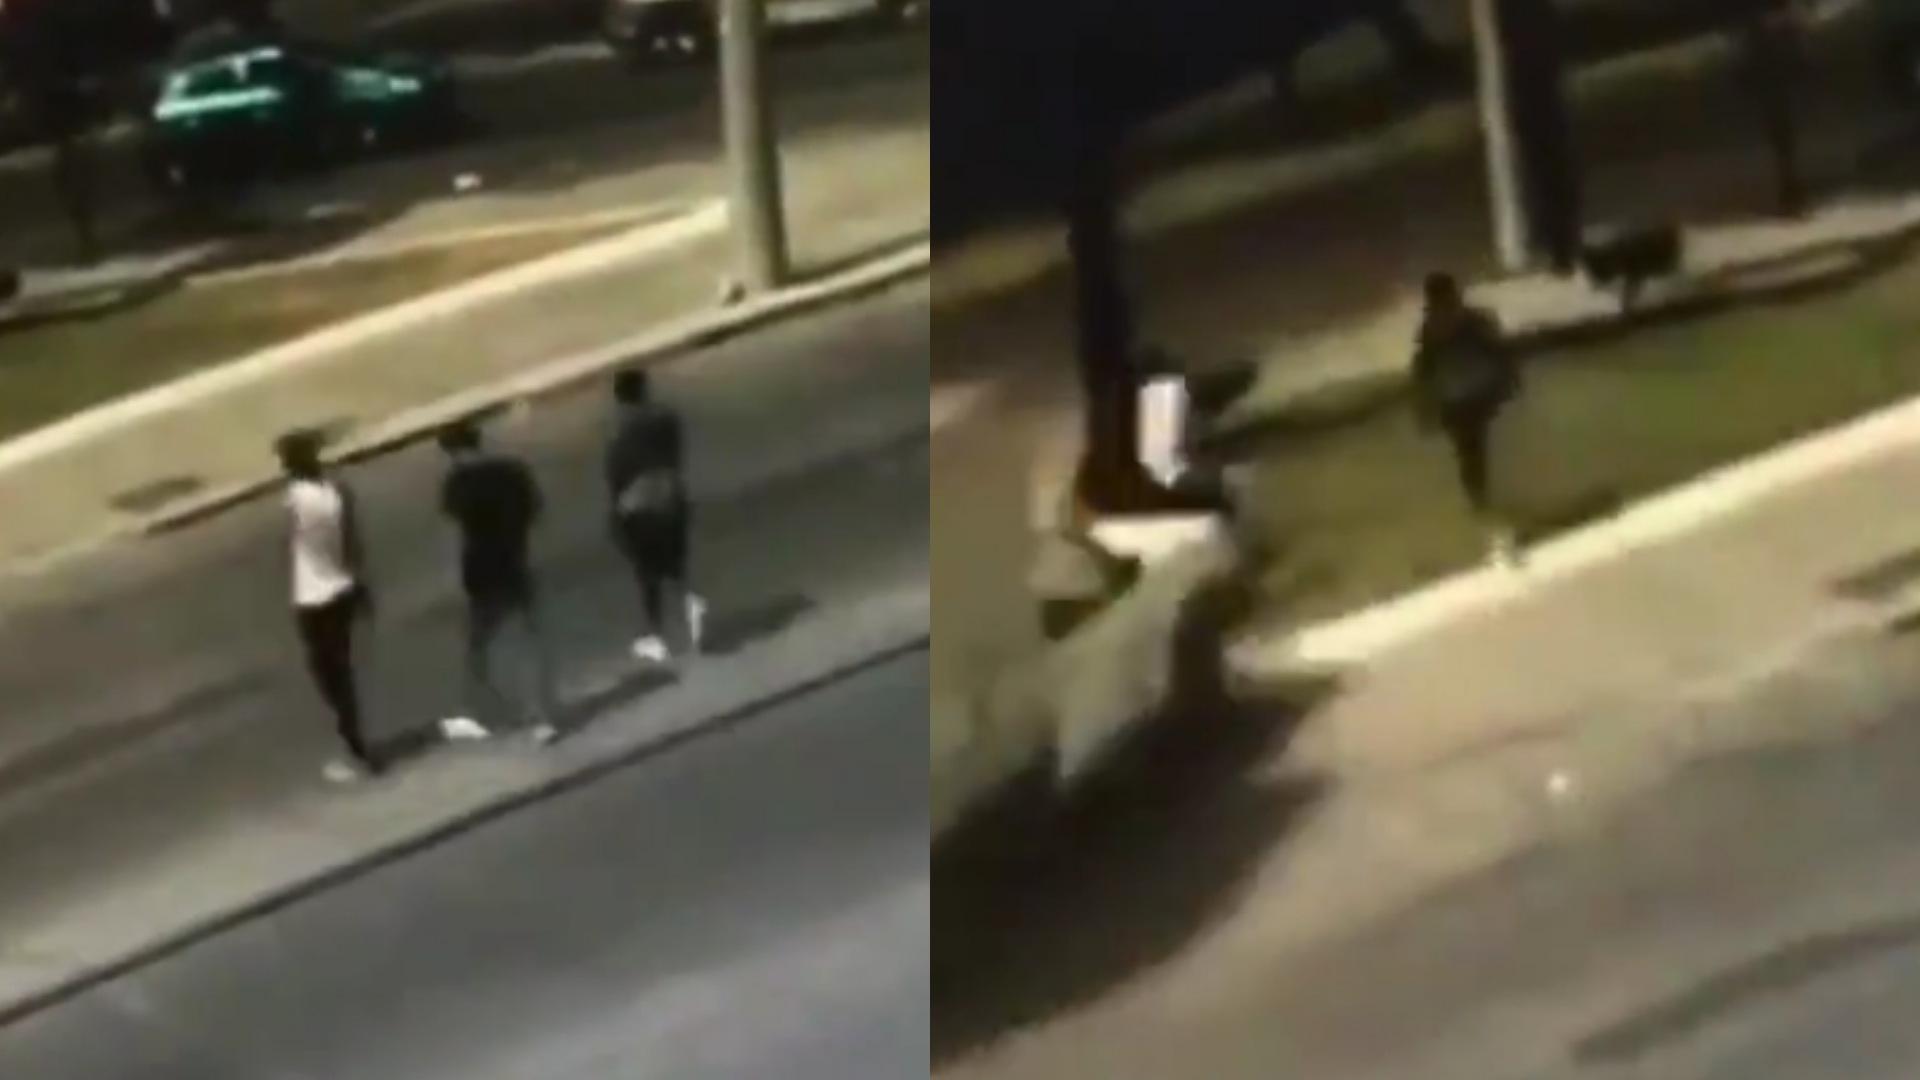 Cámara de seguridad capta cómo tres LADRONES son arrollados por VÍCTIMA tras robo